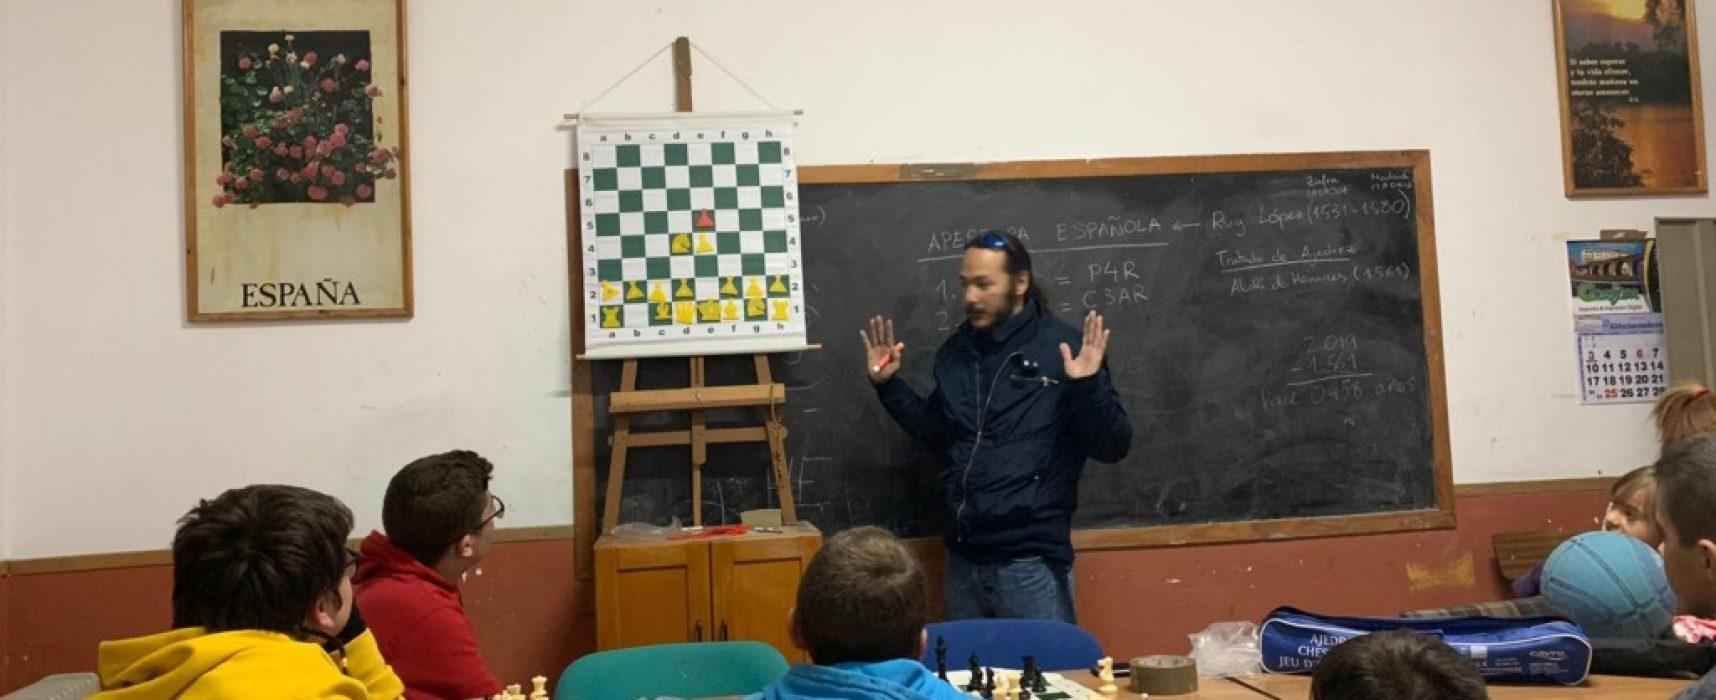 David Bronstein, el campeón de medio mundo (I) + Proyecto «Deportes en la frontera»